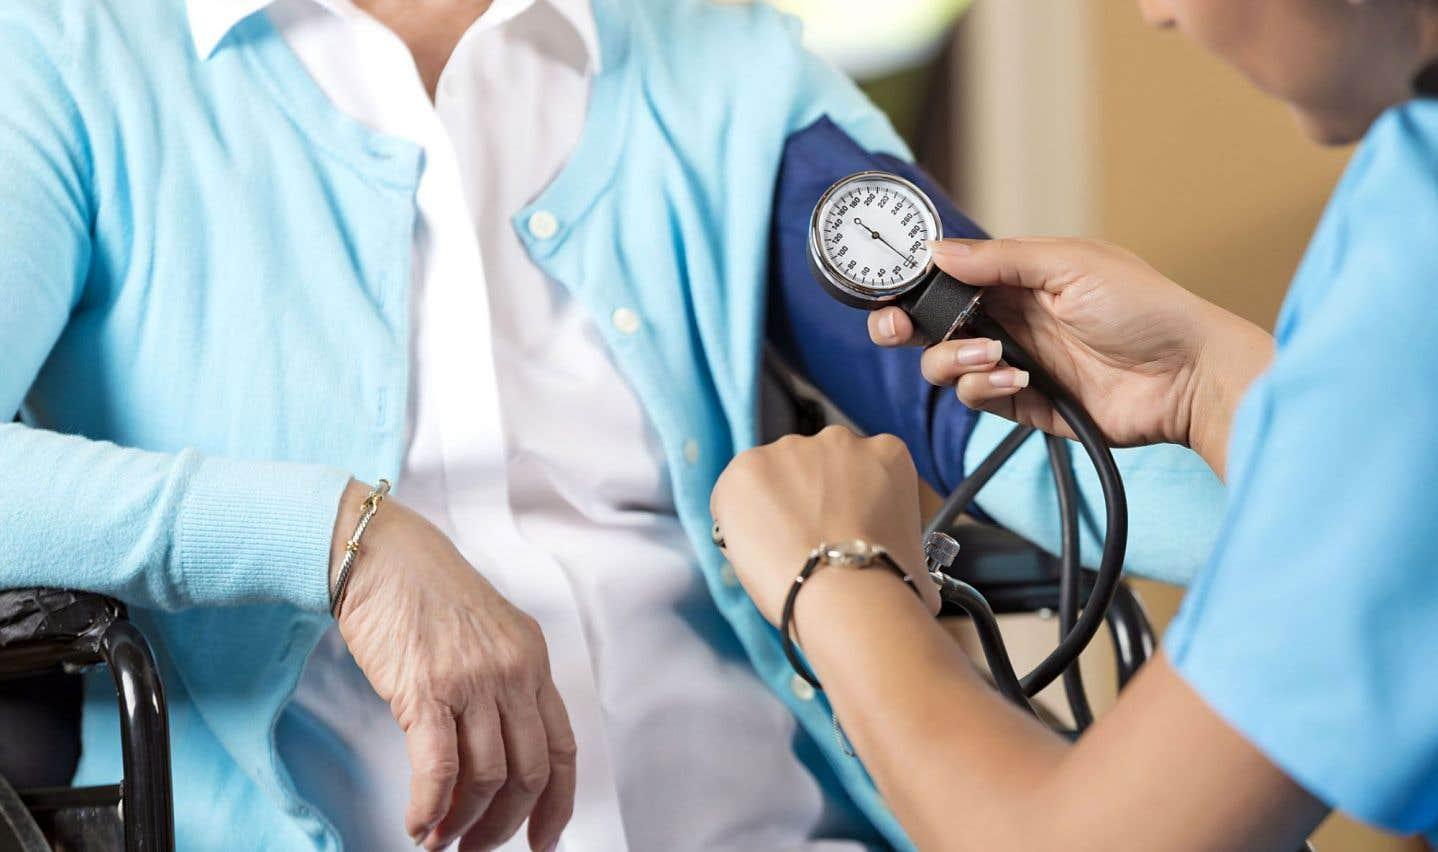 2000 infirmières praticiennes spécialisées d'ici 2024: un objectif incertain